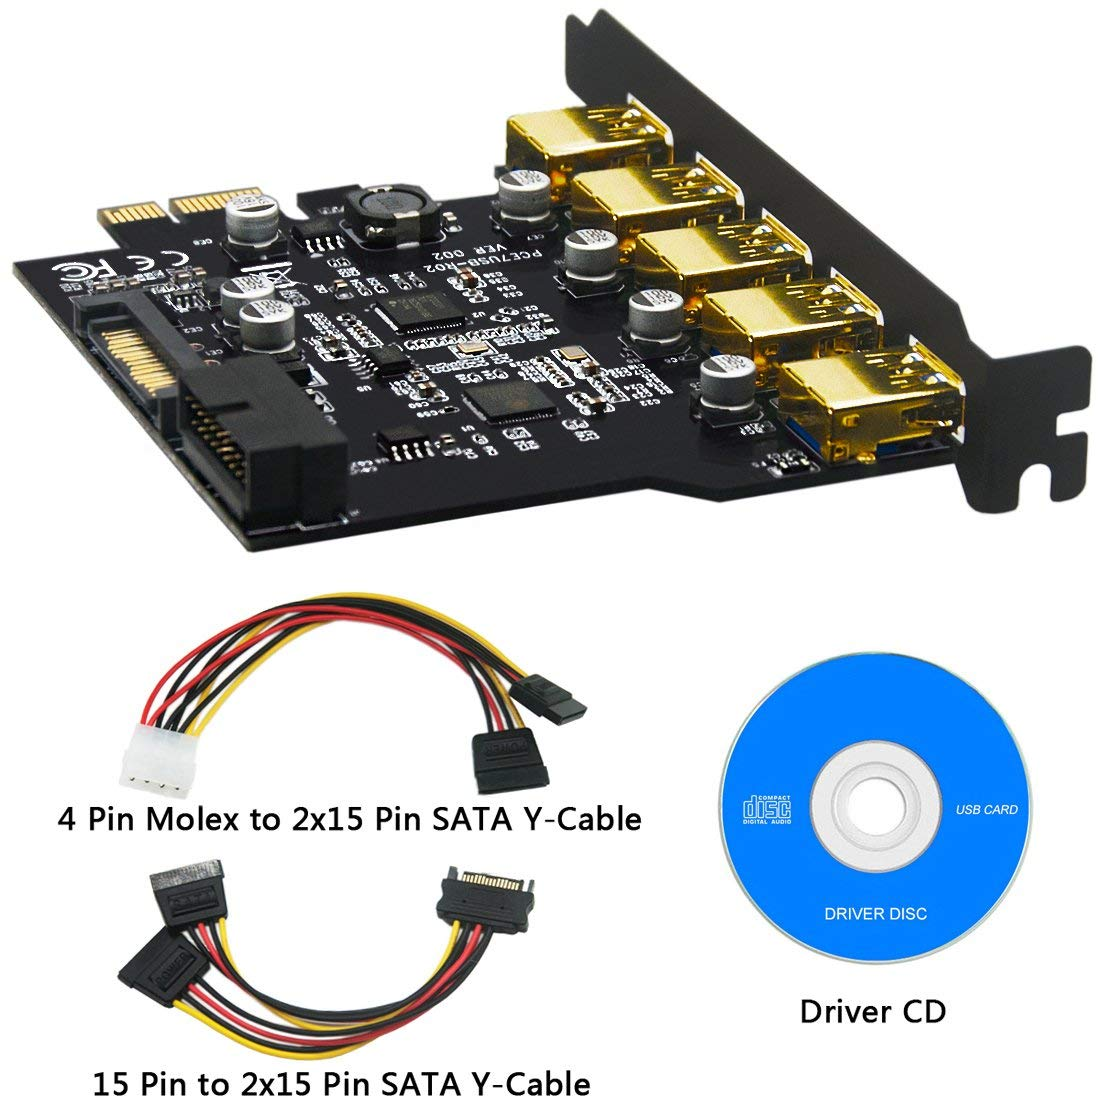 BEYIMEI PCI-E a USB 3.0 Tarjeta de expansión PCI Express de 5 Puertos y Conector de alimentación de 15 Pines, Conector Interno de 20 Pines - Amplíe ...